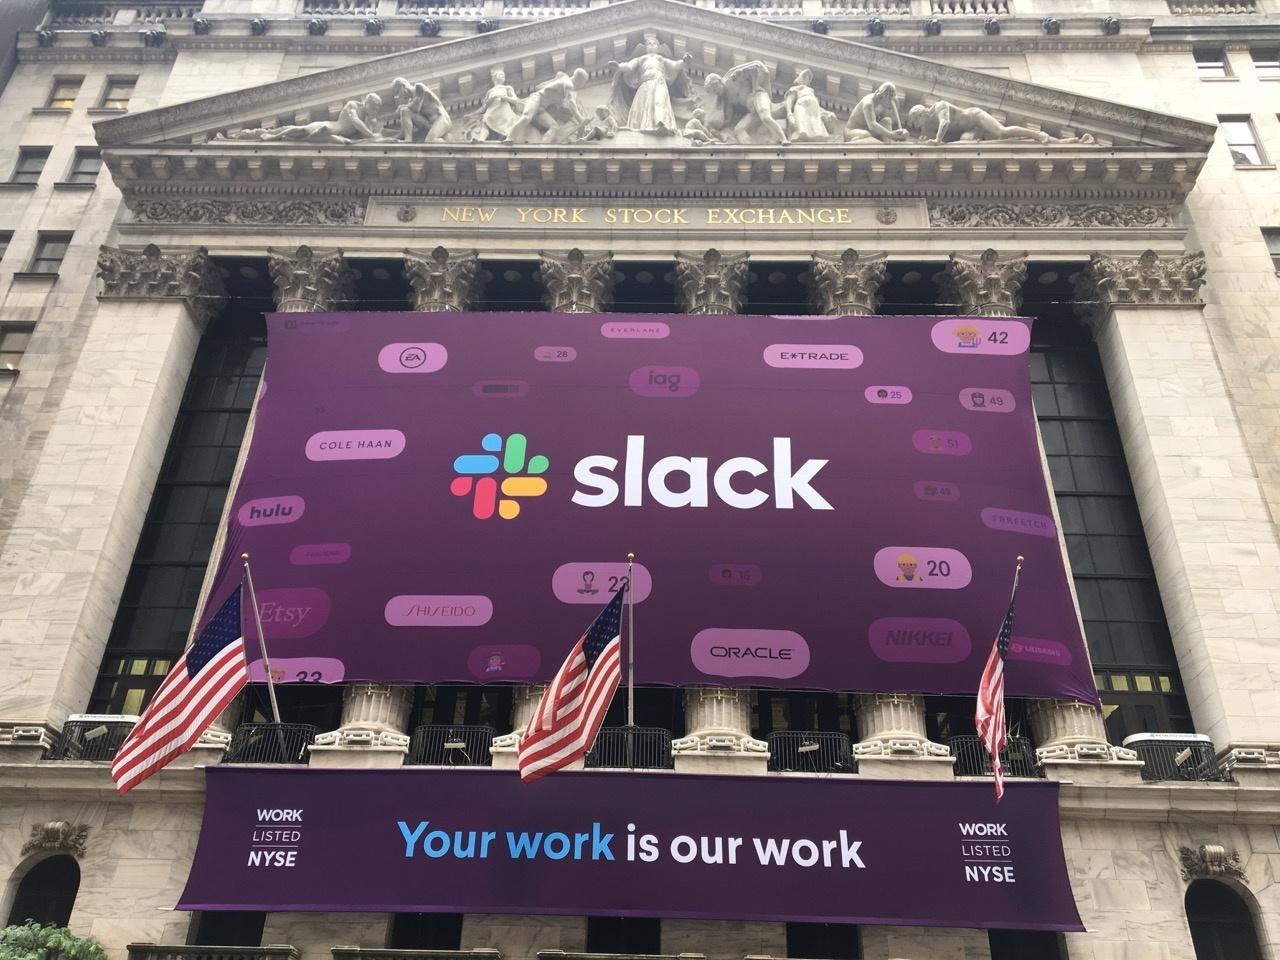 35萬名員工全都用!從Slack最大客戶IBM拍板合作案,看市場如何追捧遠端辦公